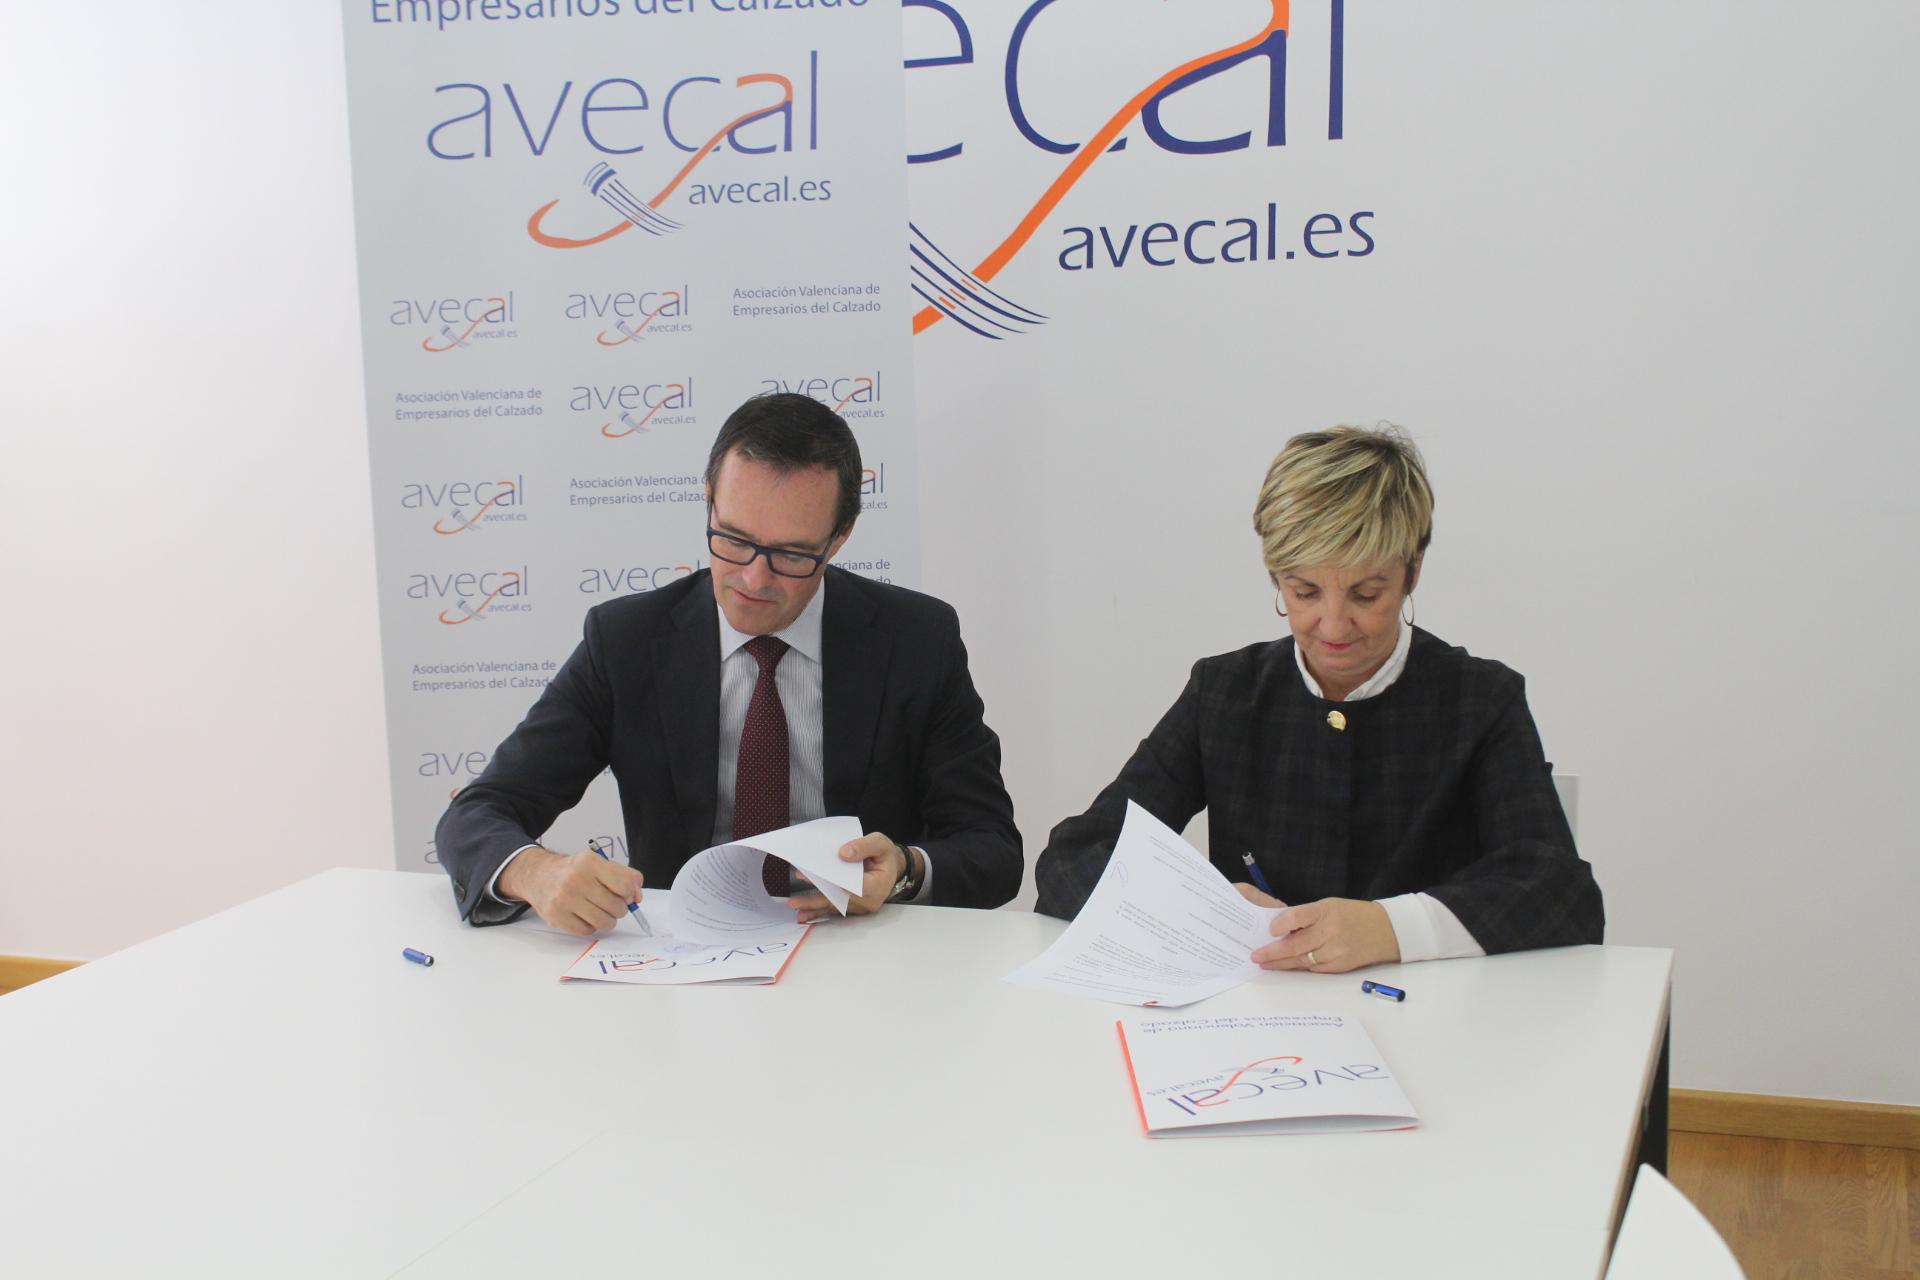 c7782e5ea7037 conveniocredilex2 - Asociación Valenciana de Empresarios del Calzado